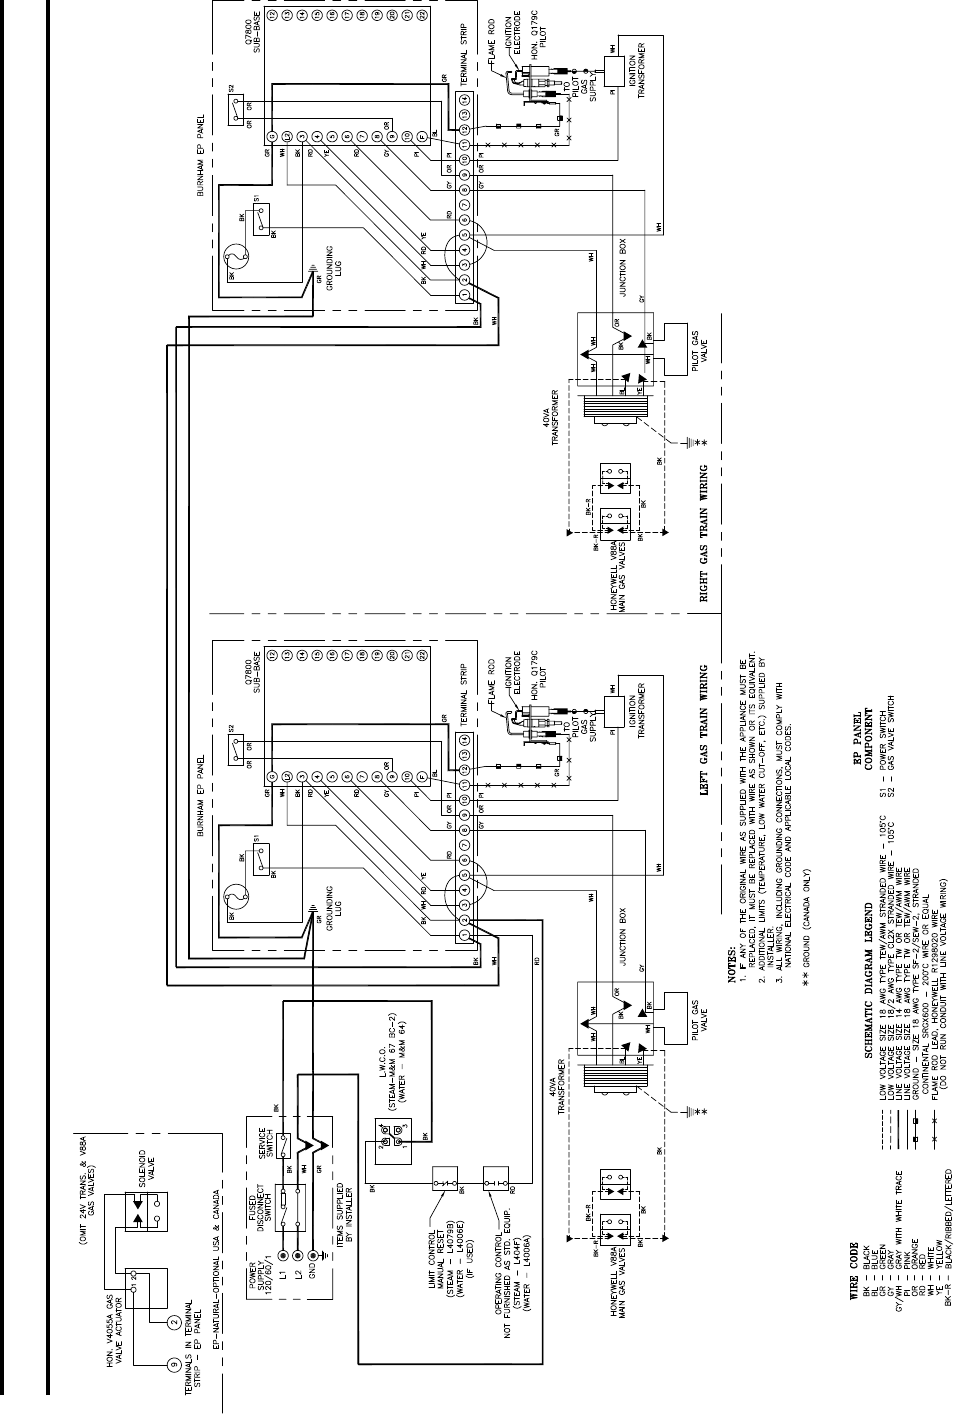 Fein Weil Mclain Kanada Zeitgenössisch - Schaltplan Serie Circuit ...